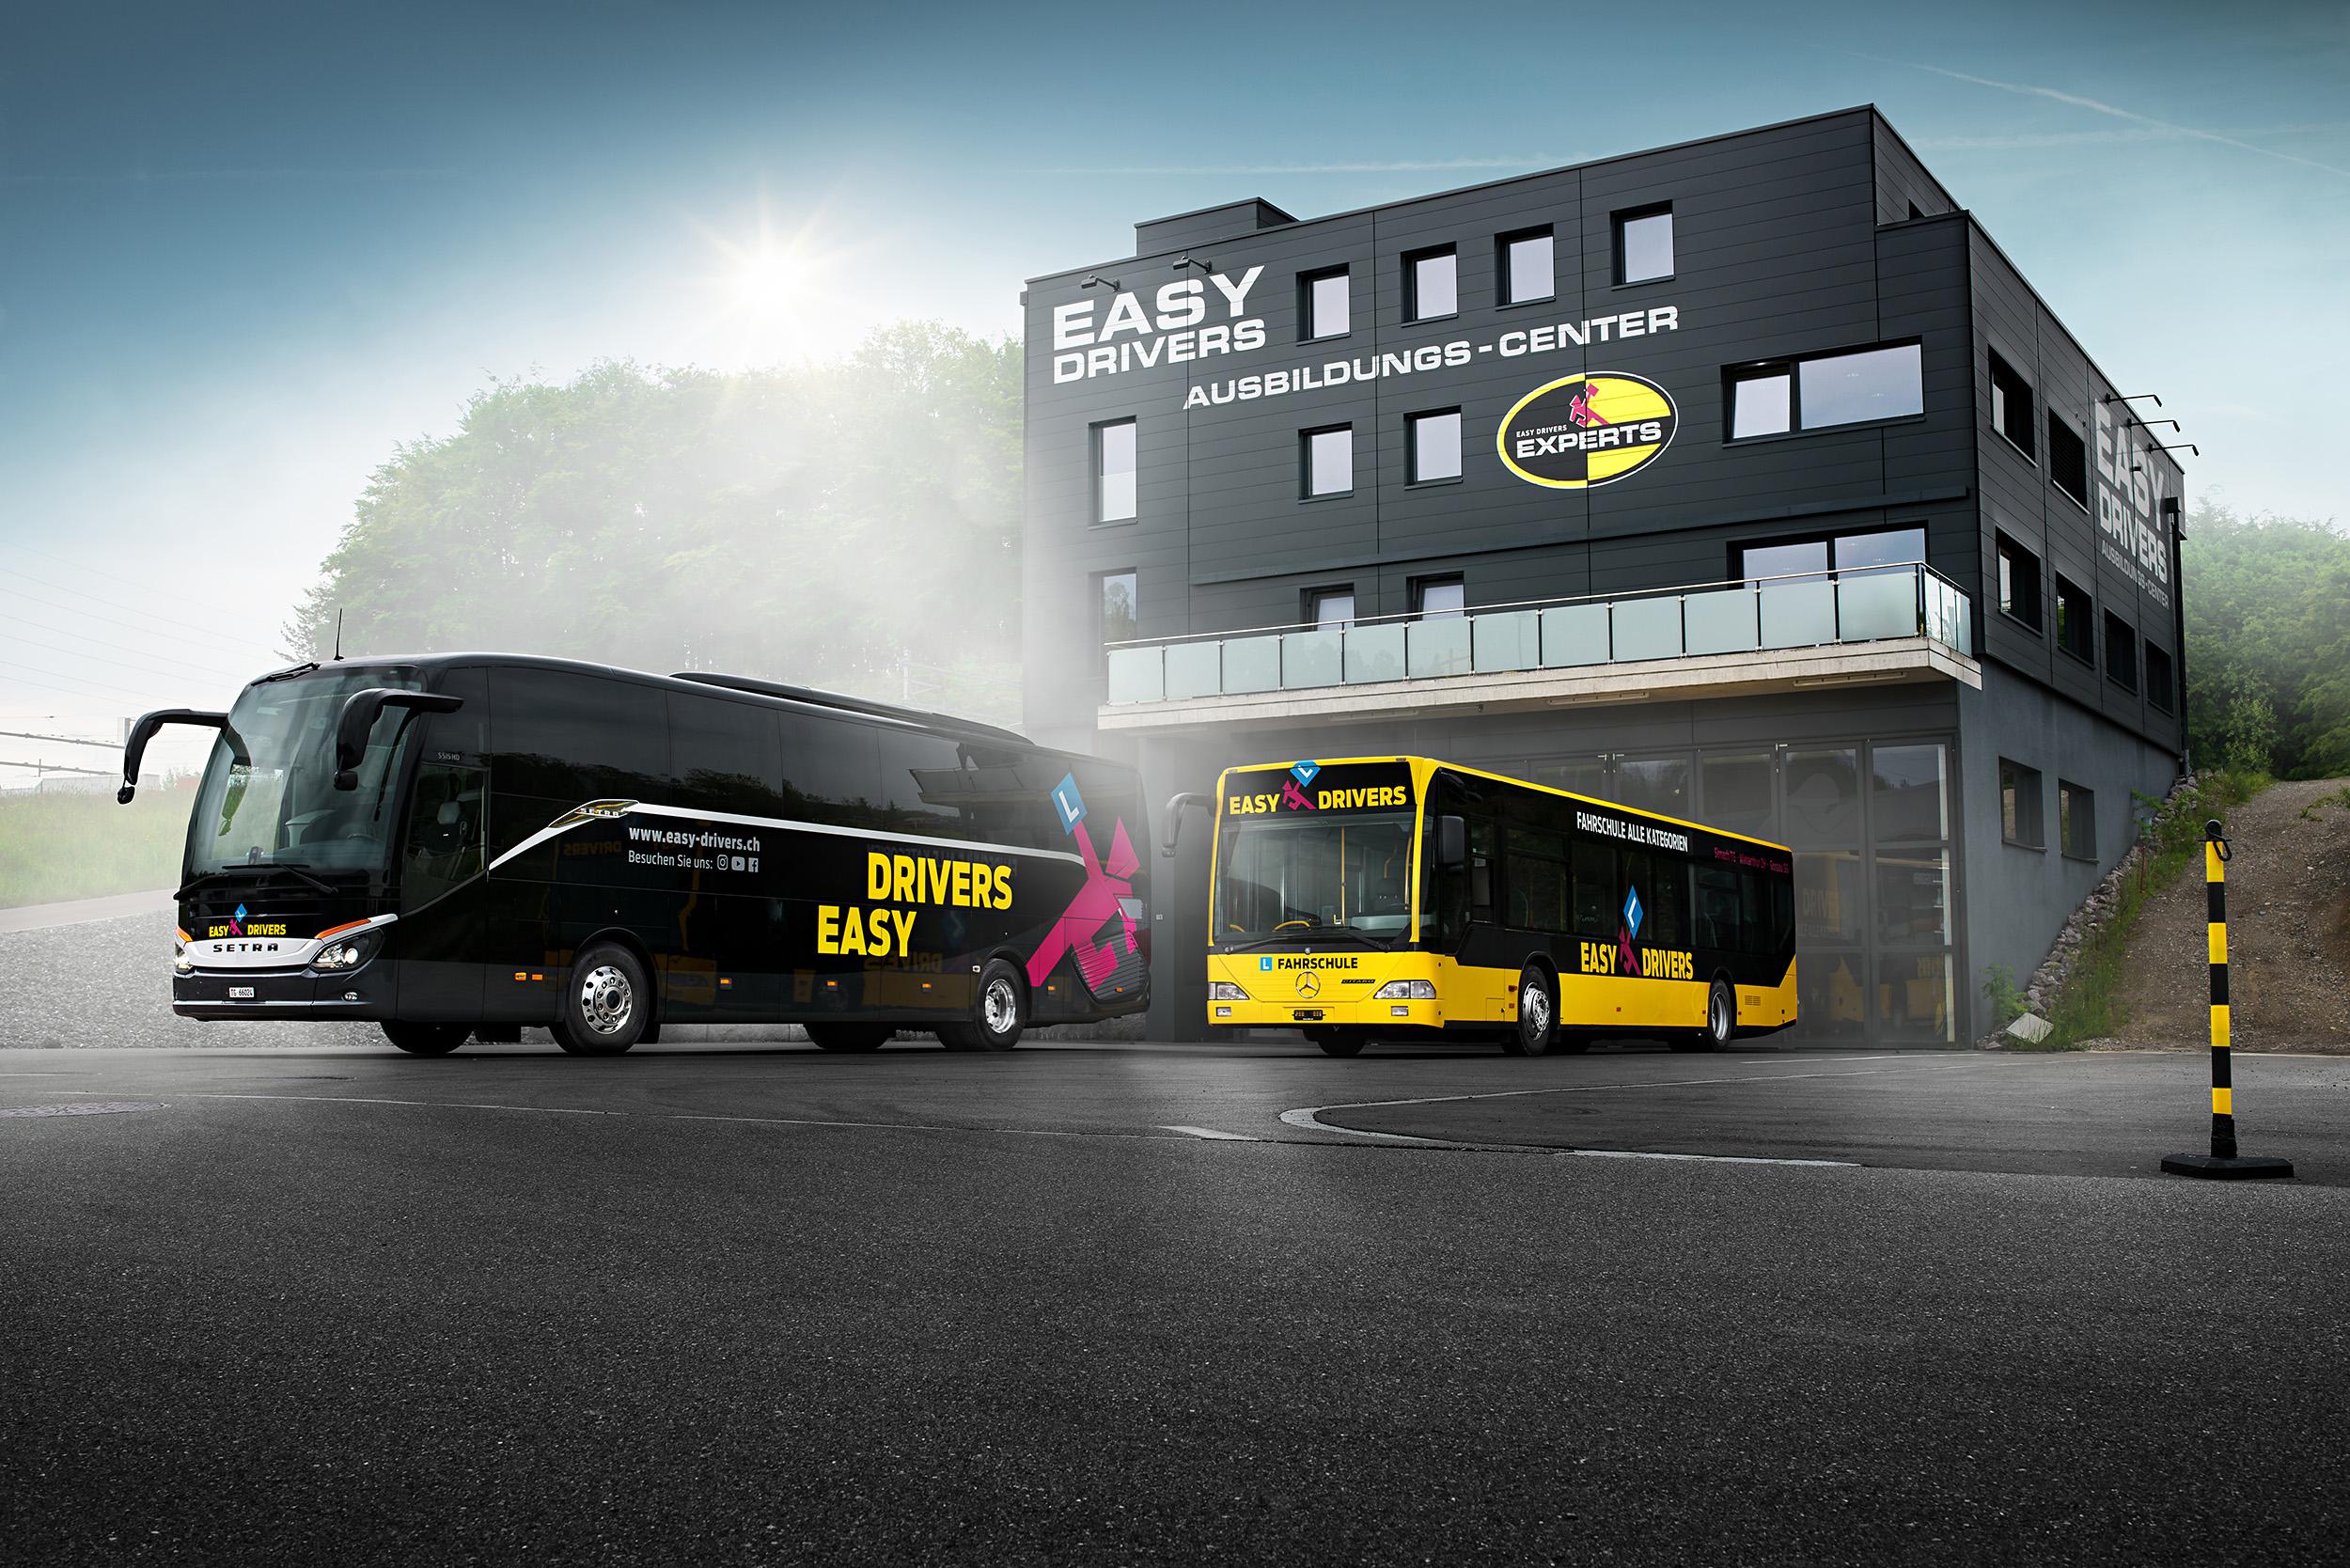 Easydrivers-Bus-Duo-2500.jpg